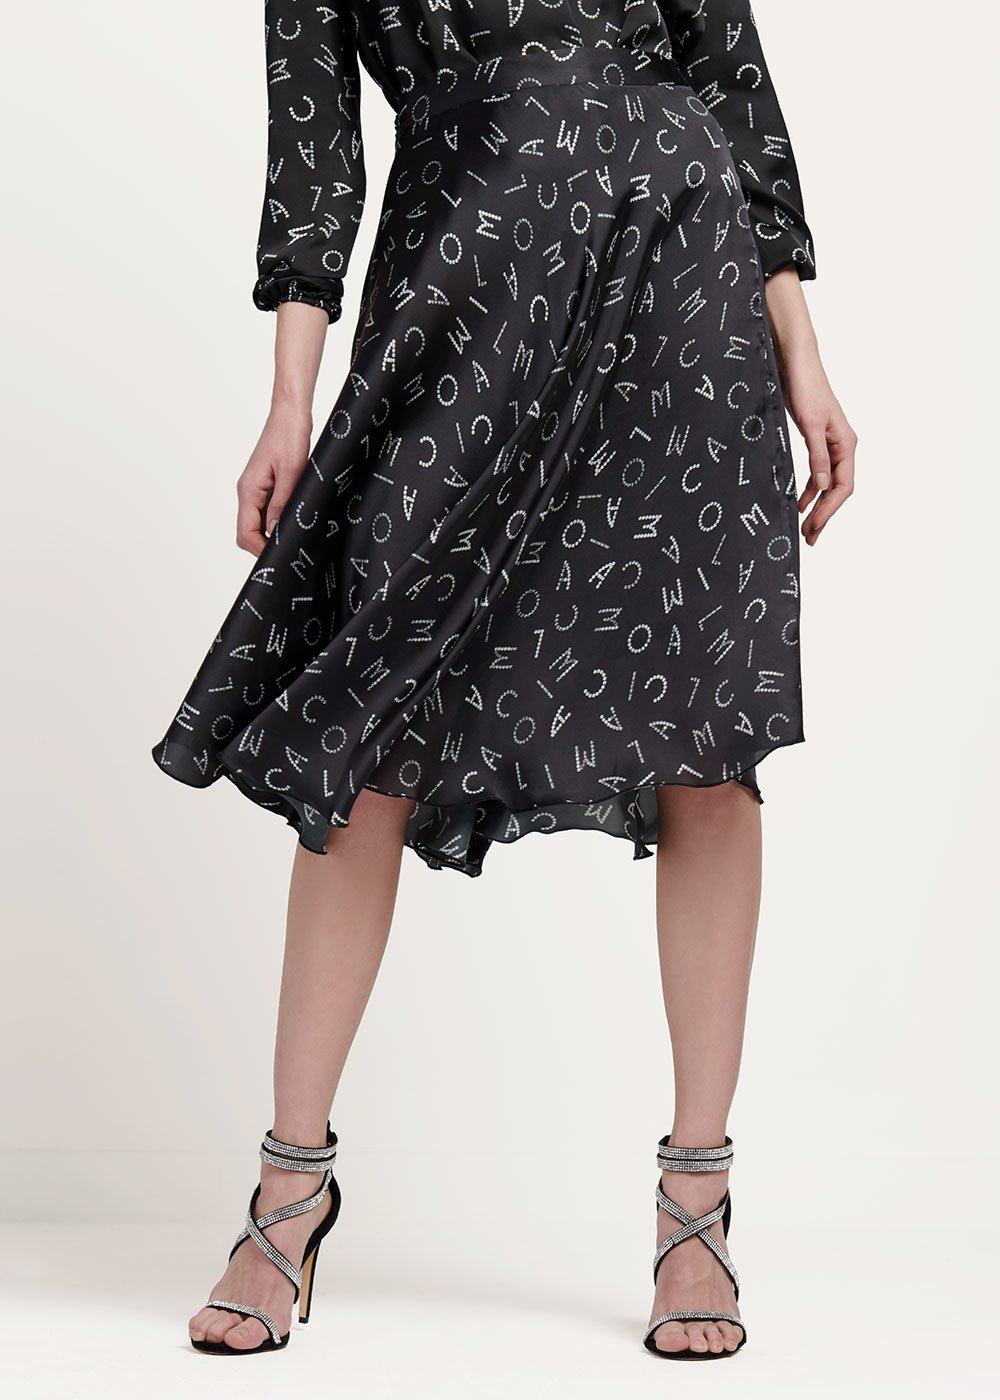 Giorgy skirt with CI print - Black / White Fantasia - Woman